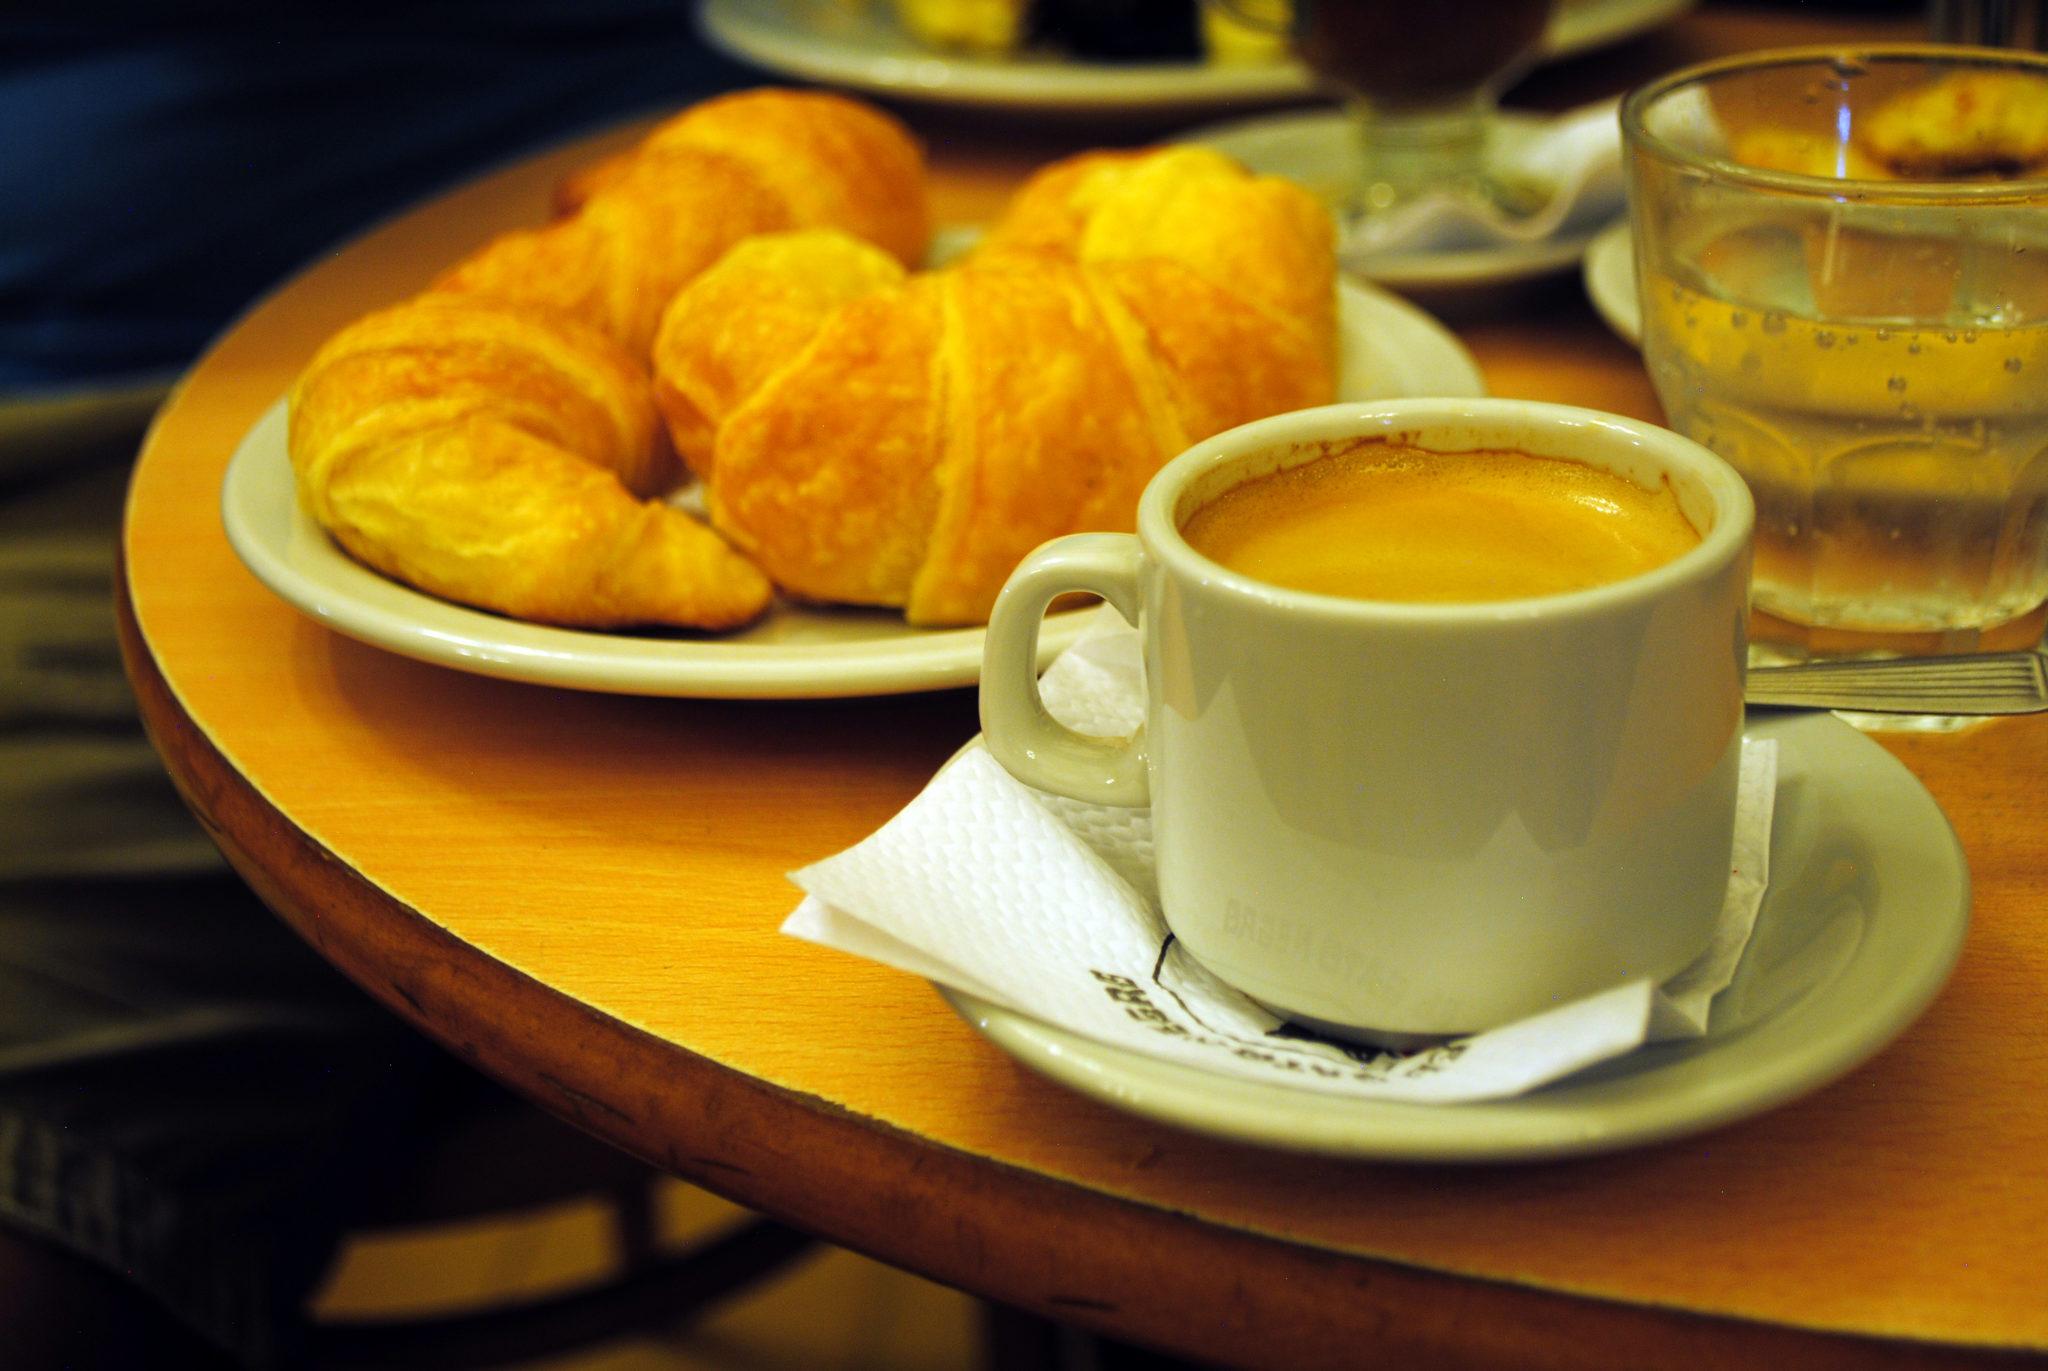 Mediaslunas,_café_en_jarrito_y_agua_mineral_en_Café_El_Gato_Negro